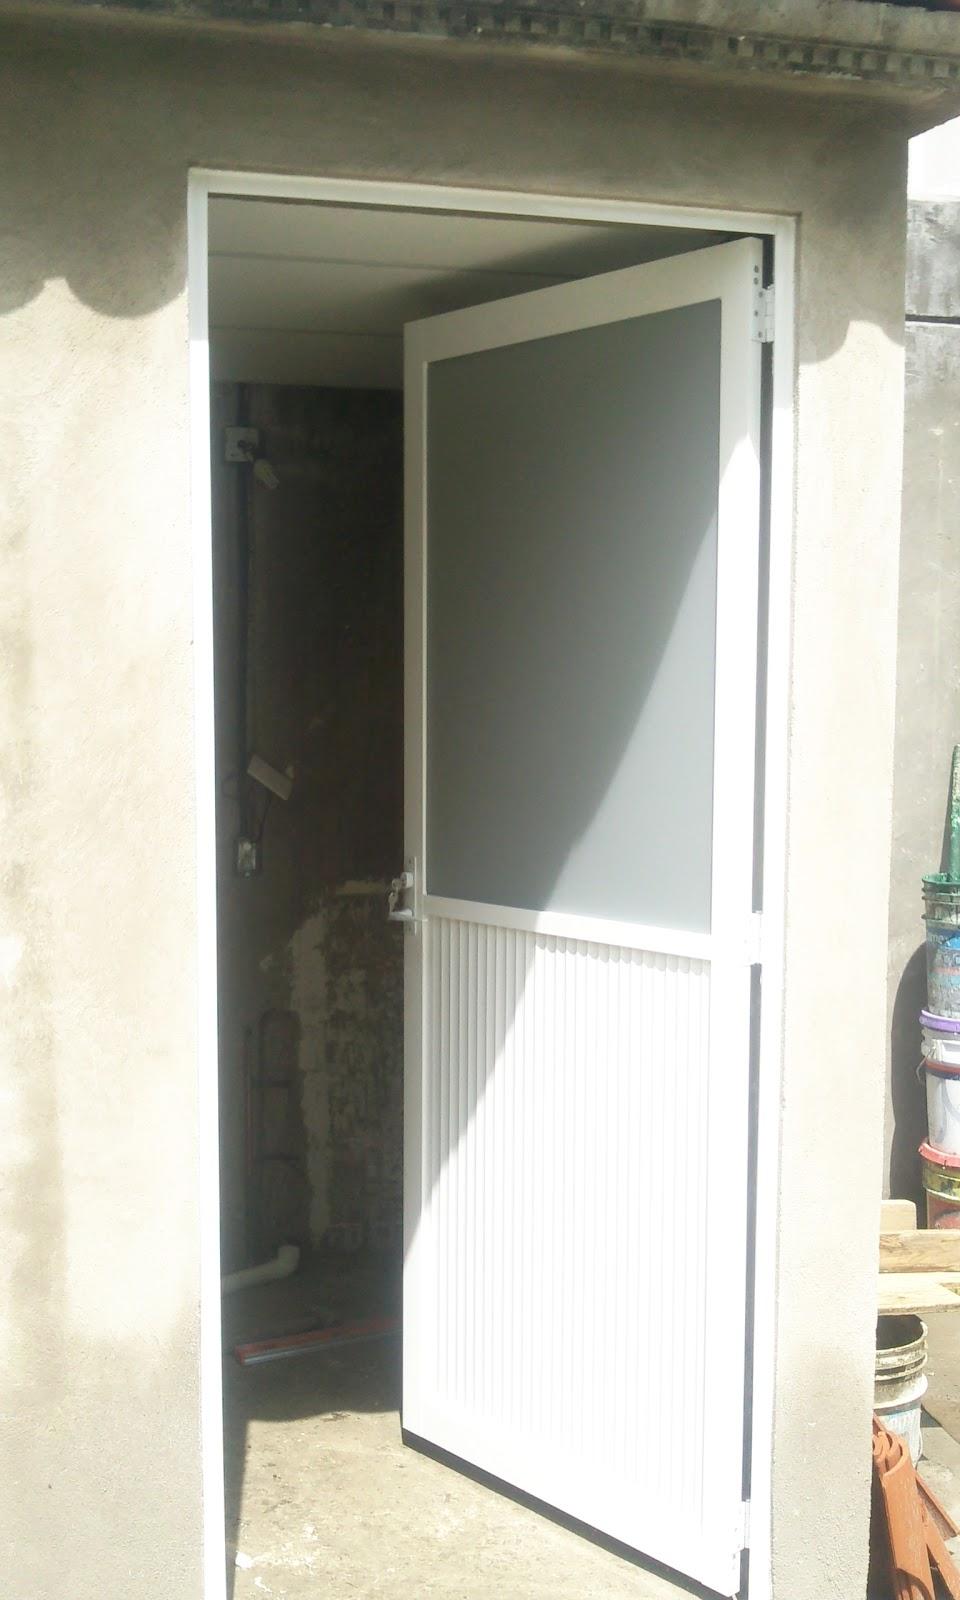 Imagenes De Puertas Para Baño De Aluminio:Puerta de aluminio blanco con bisagras de libro mitad duela y mitad